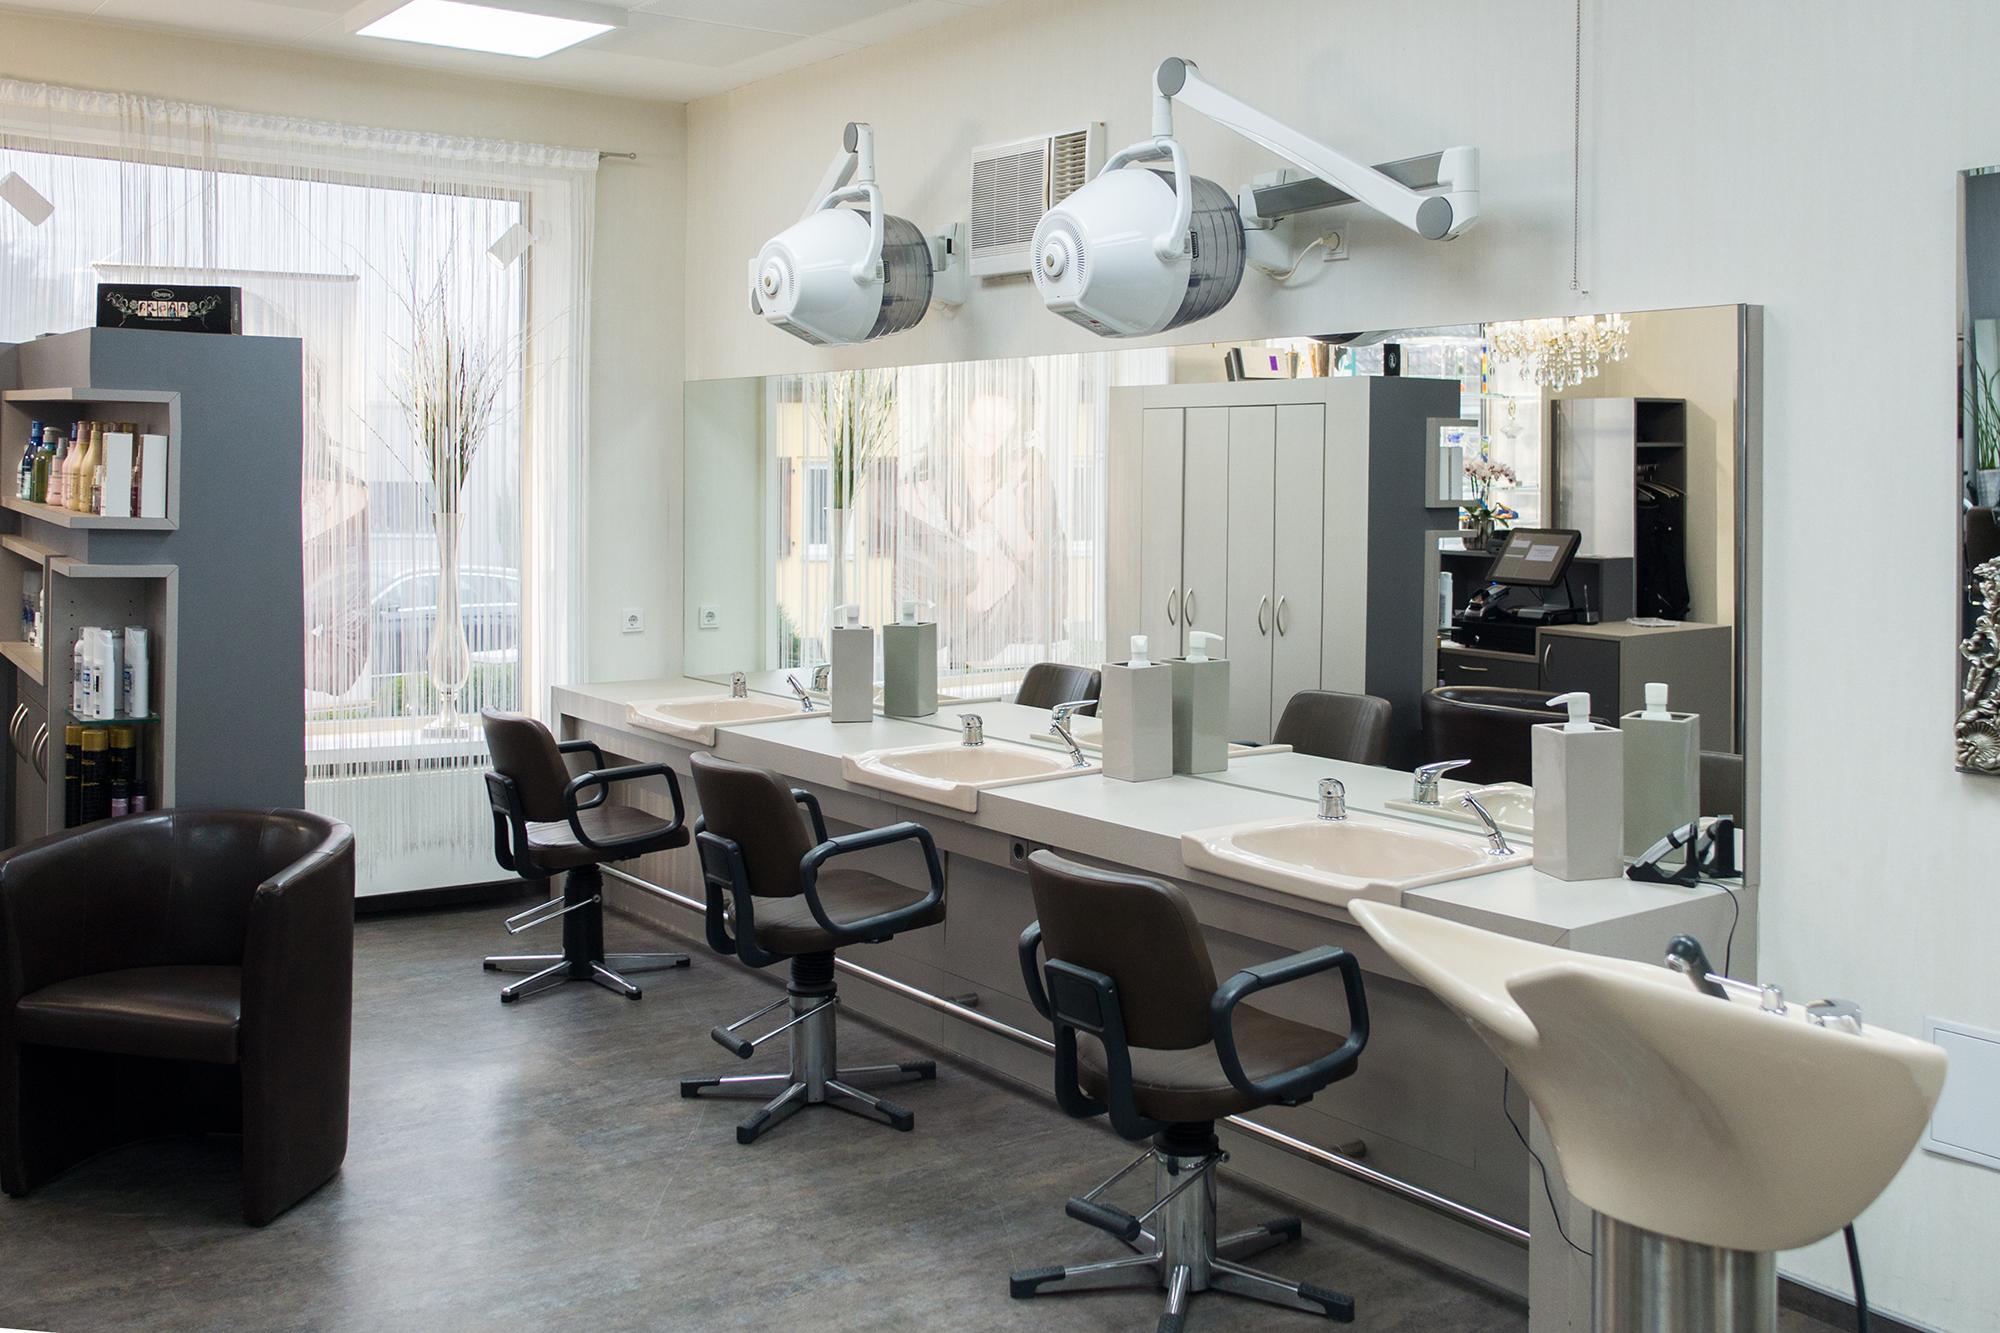 Salon Schiesser